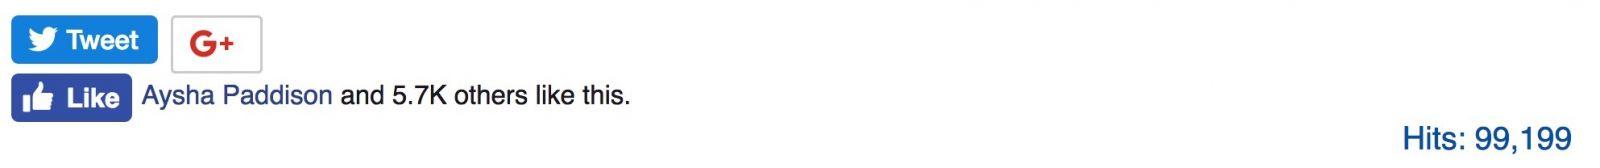 Дэвид Уилкок - Потрясающие новые брифинги: Массовые обвинения, целевые аресты и Раскрытие Часть I, раздел 2 387_7